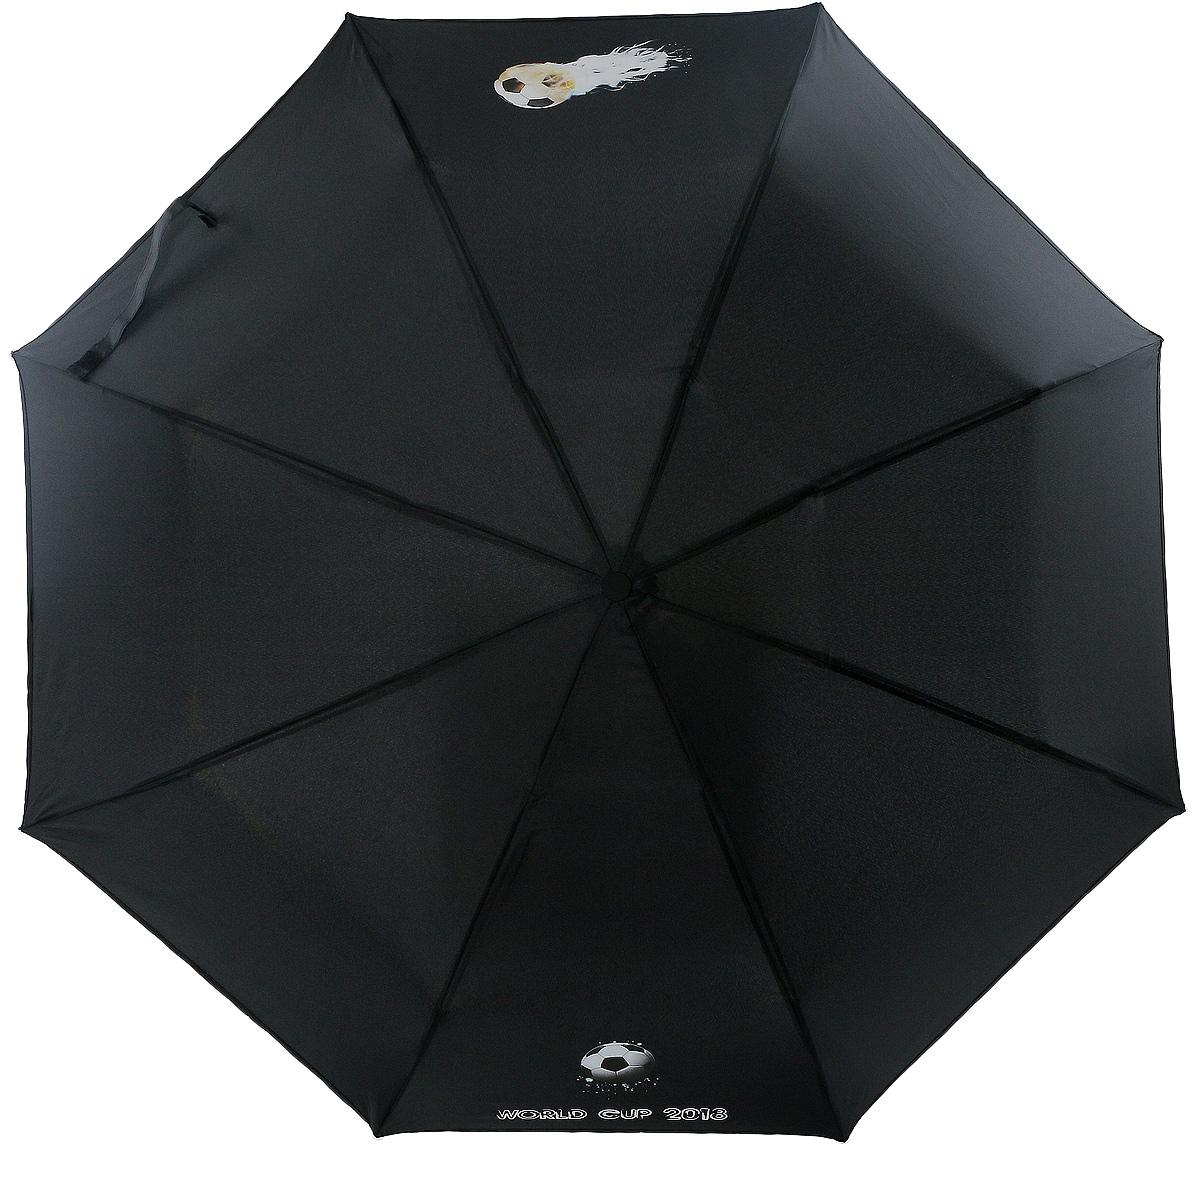 Зонт ArtRain, механический, 3 сложения, цвет: черный. 3517-1734 цена и фото